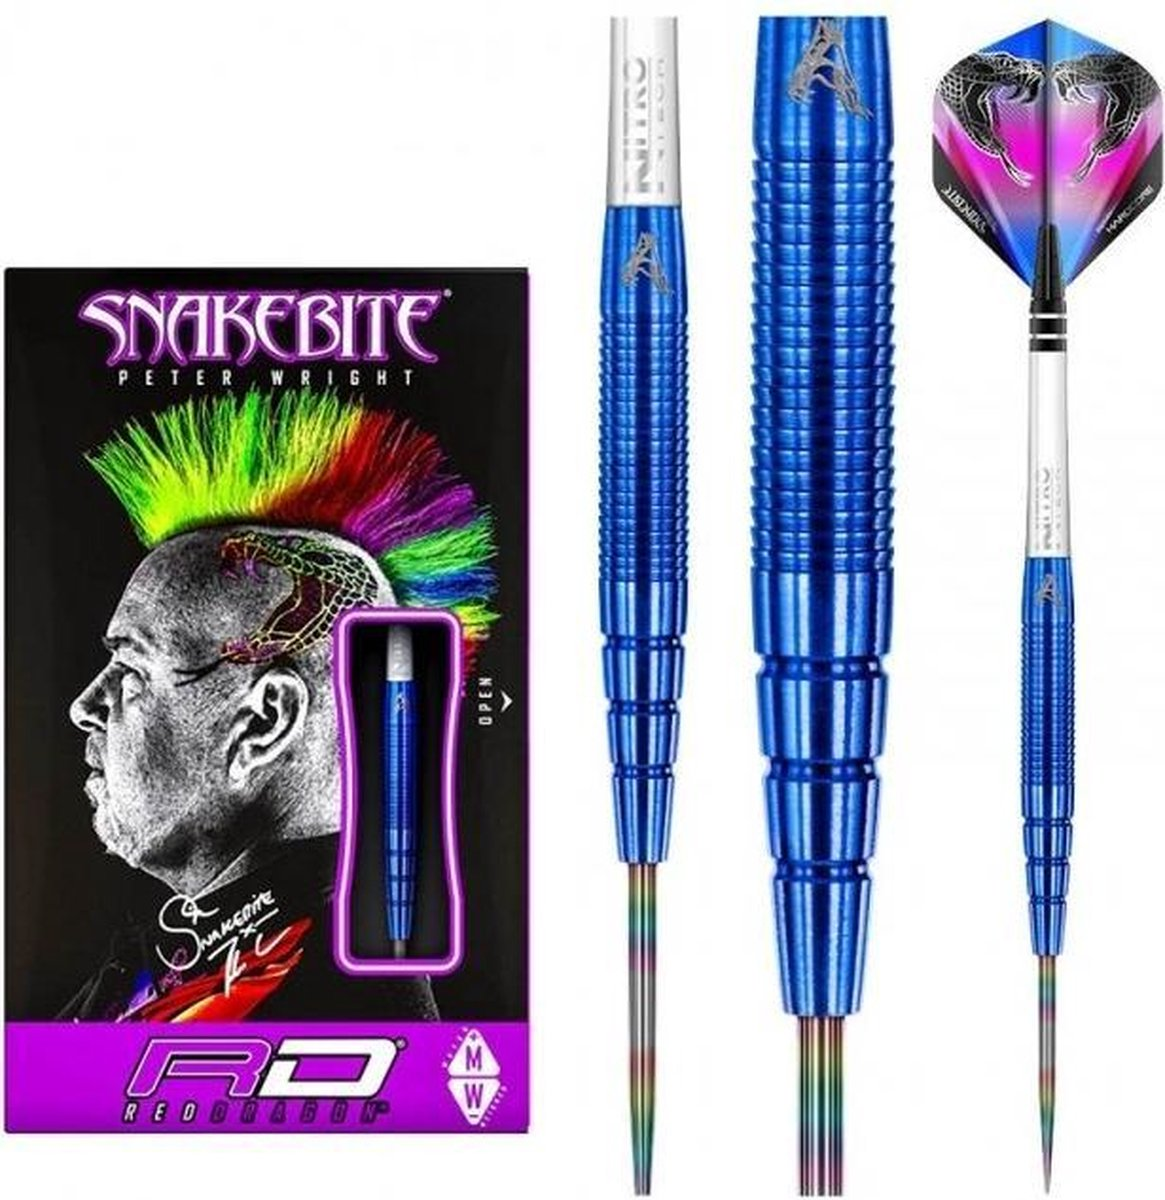 Peter Wright Snakebite PL15 90% Blue - 22 Gram